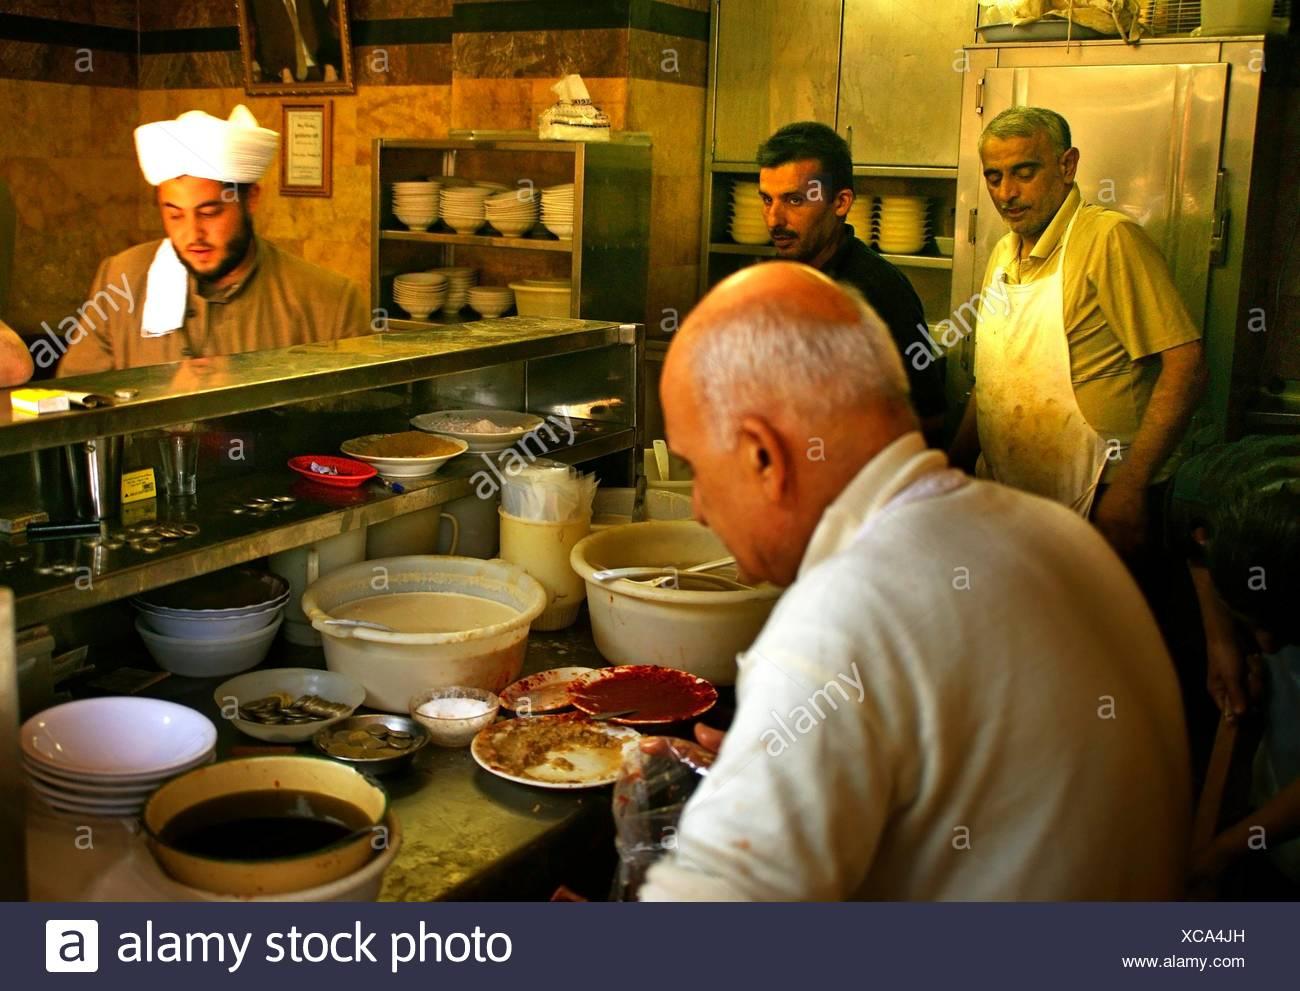 Bei der ´foul´ Bohnen Gipfel Restaurant Abou Abdou im christlichen Bereich des Jdeidé, Aleppo, Syrien Stockbild